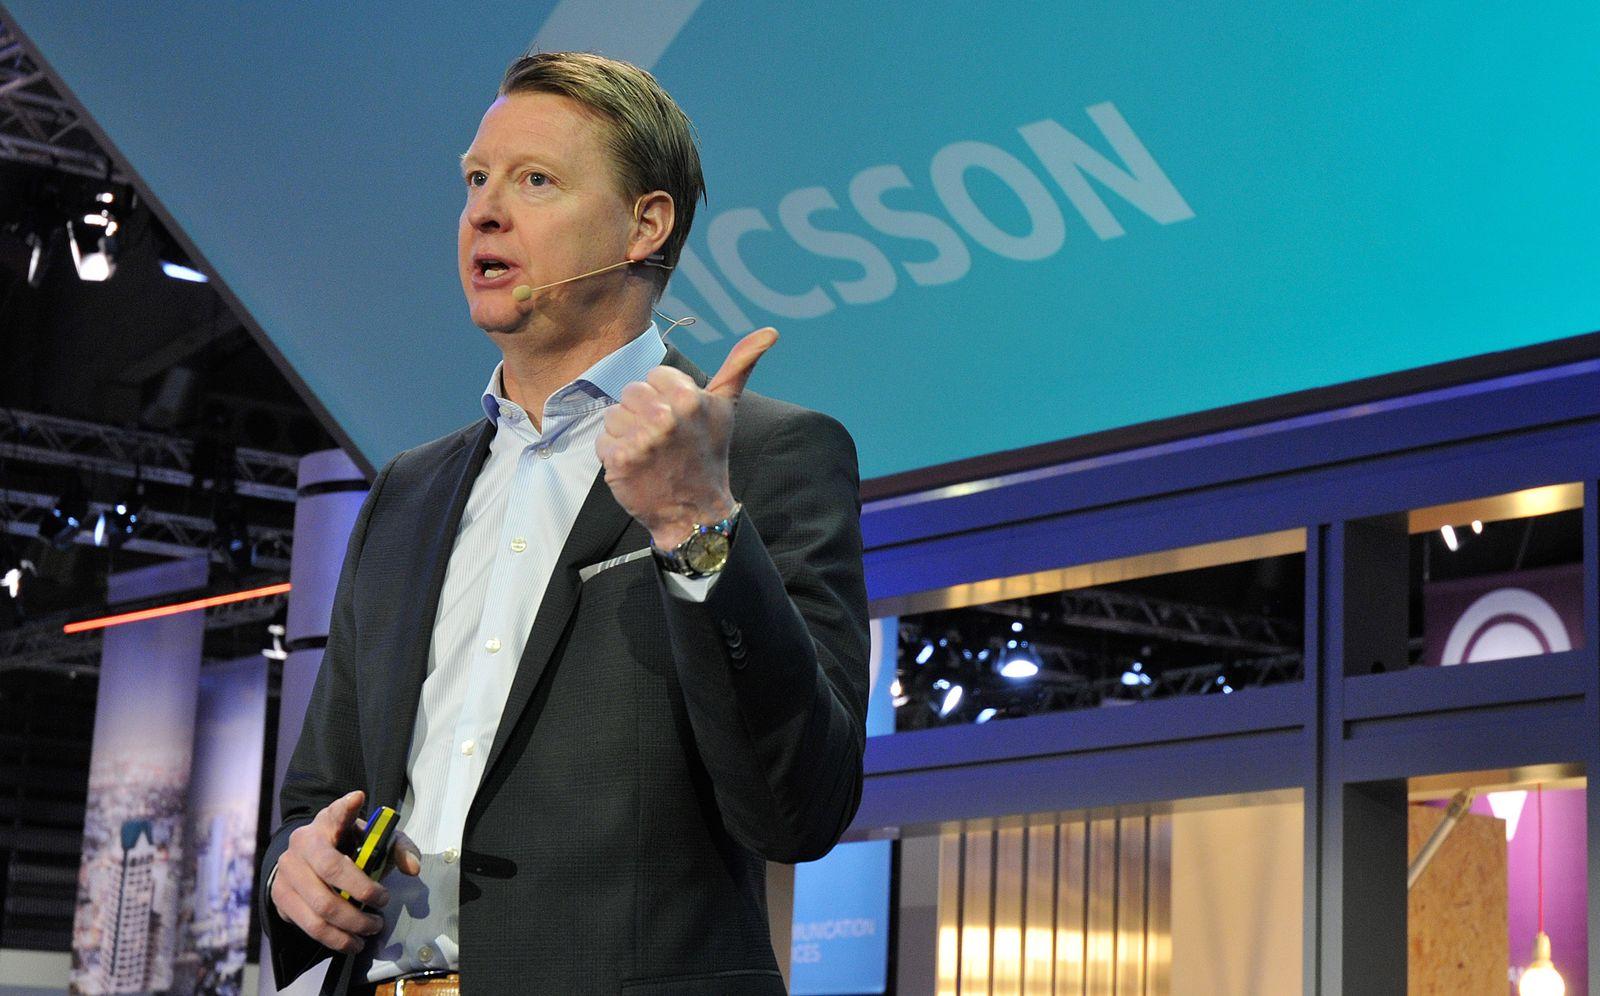 Mobile World Congress - Hans Vestberg